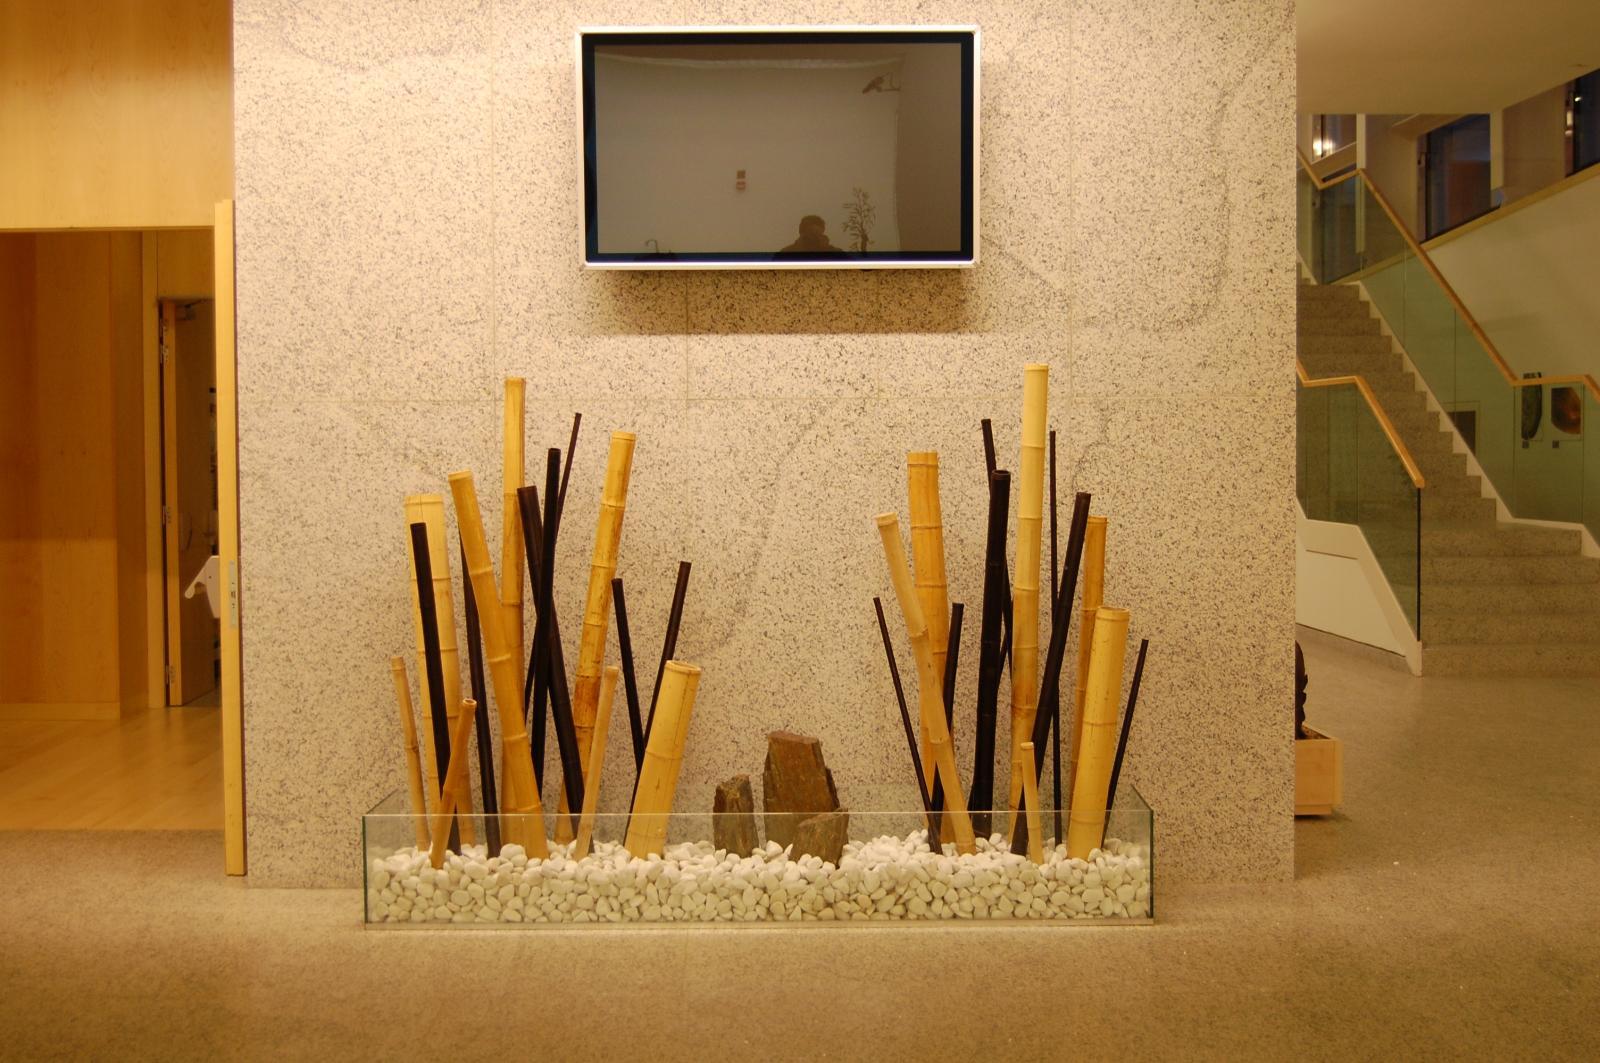 montaje  de jardineras  de bambus para oficinas